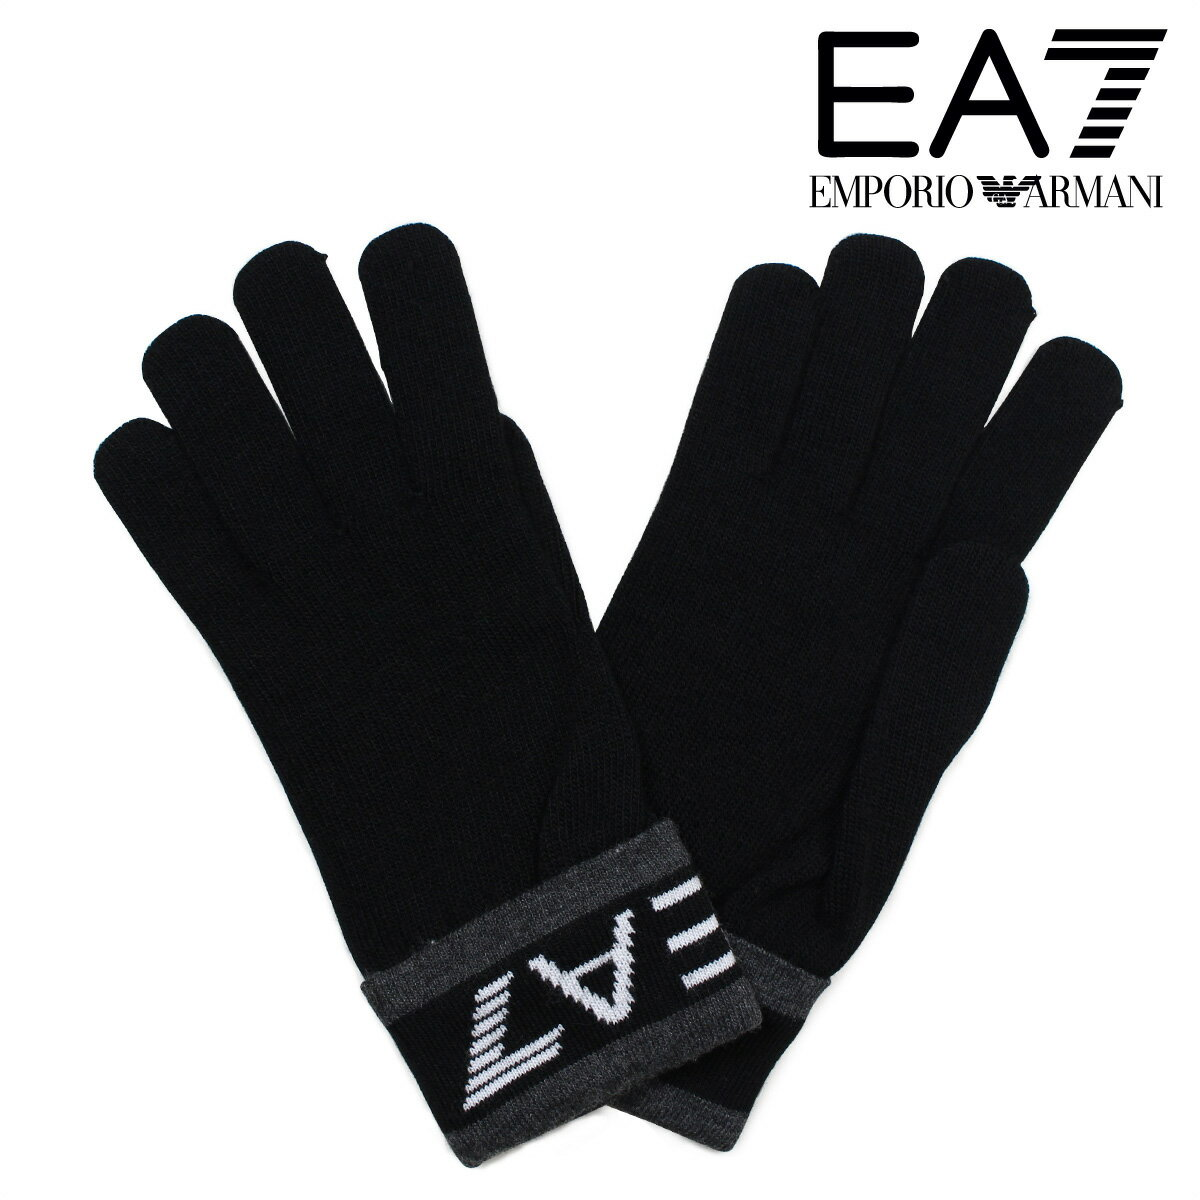 エンポリオ アルマーニ 手袋 メンズ 防寒 EMPORIO ARMANI EA7 イーエーセブン ブラック ビジネス カジュアル 2755617A393 [12/27 追加入荷]